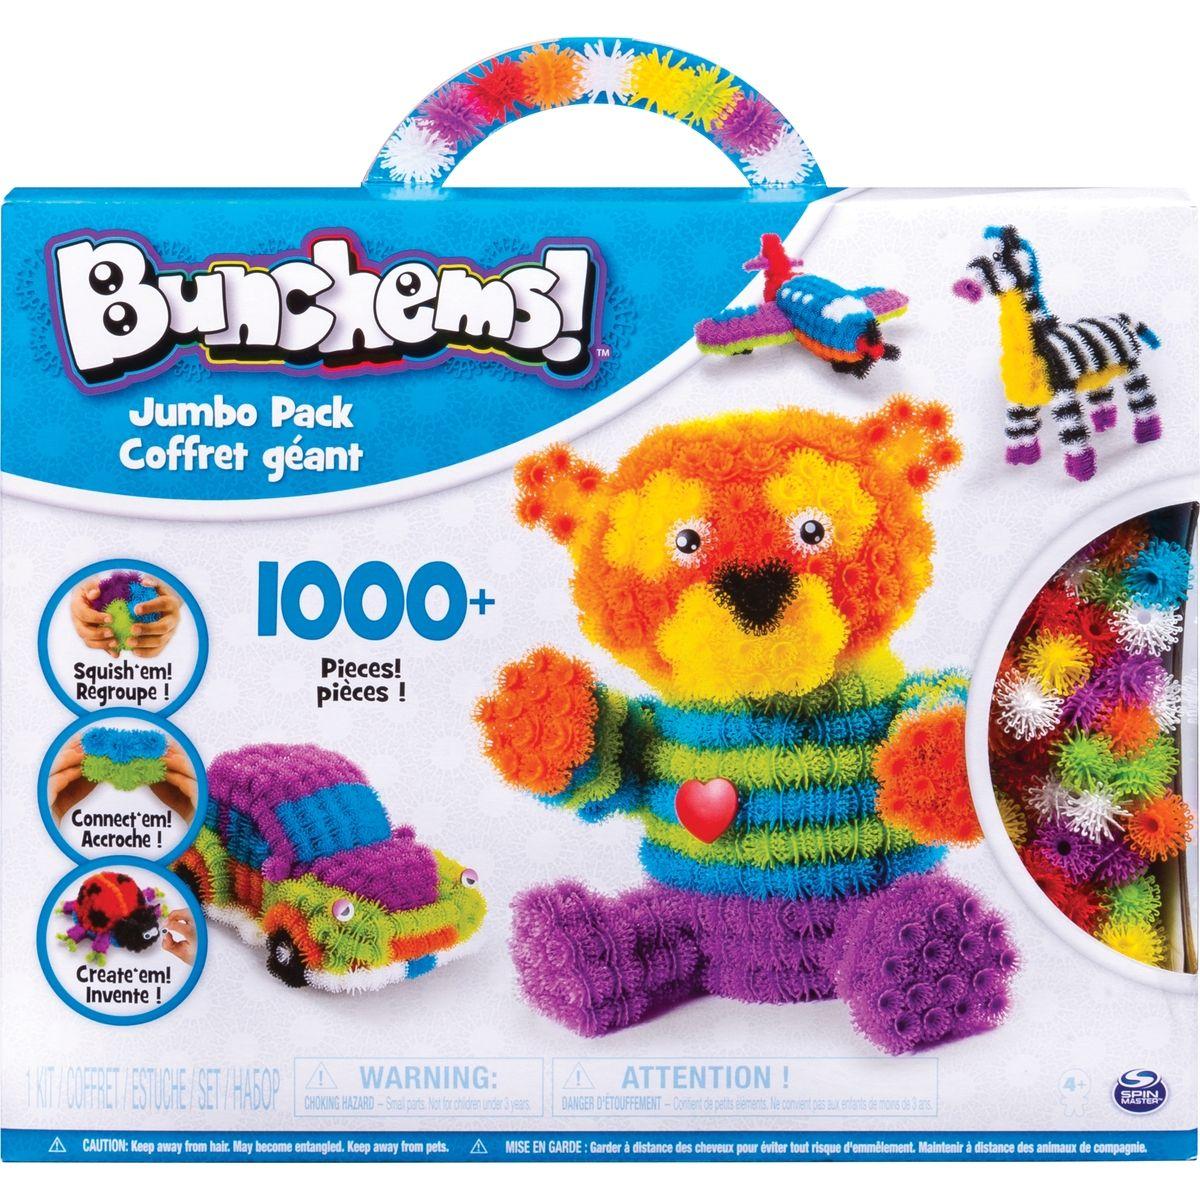 Bunchems Jumbo Pack 1000